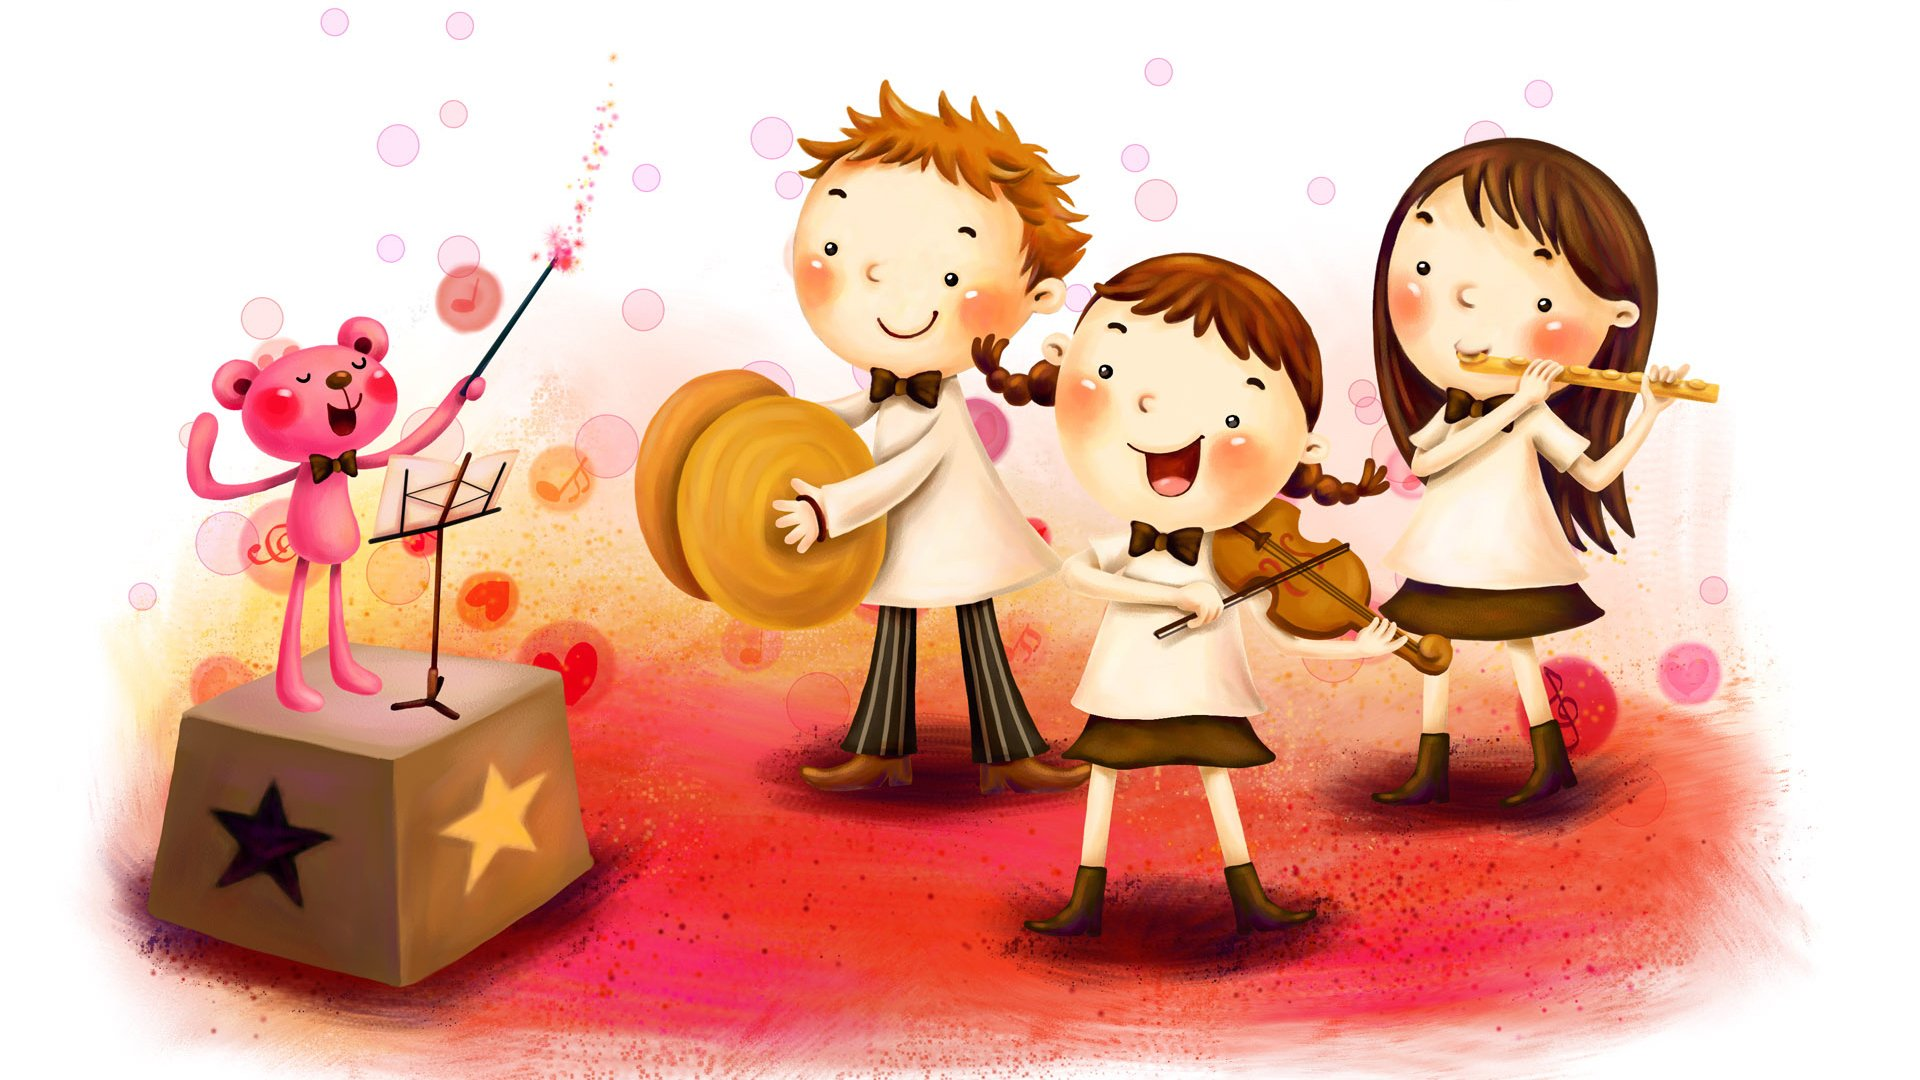 Картинки музыкальные веселые, картинка для детей